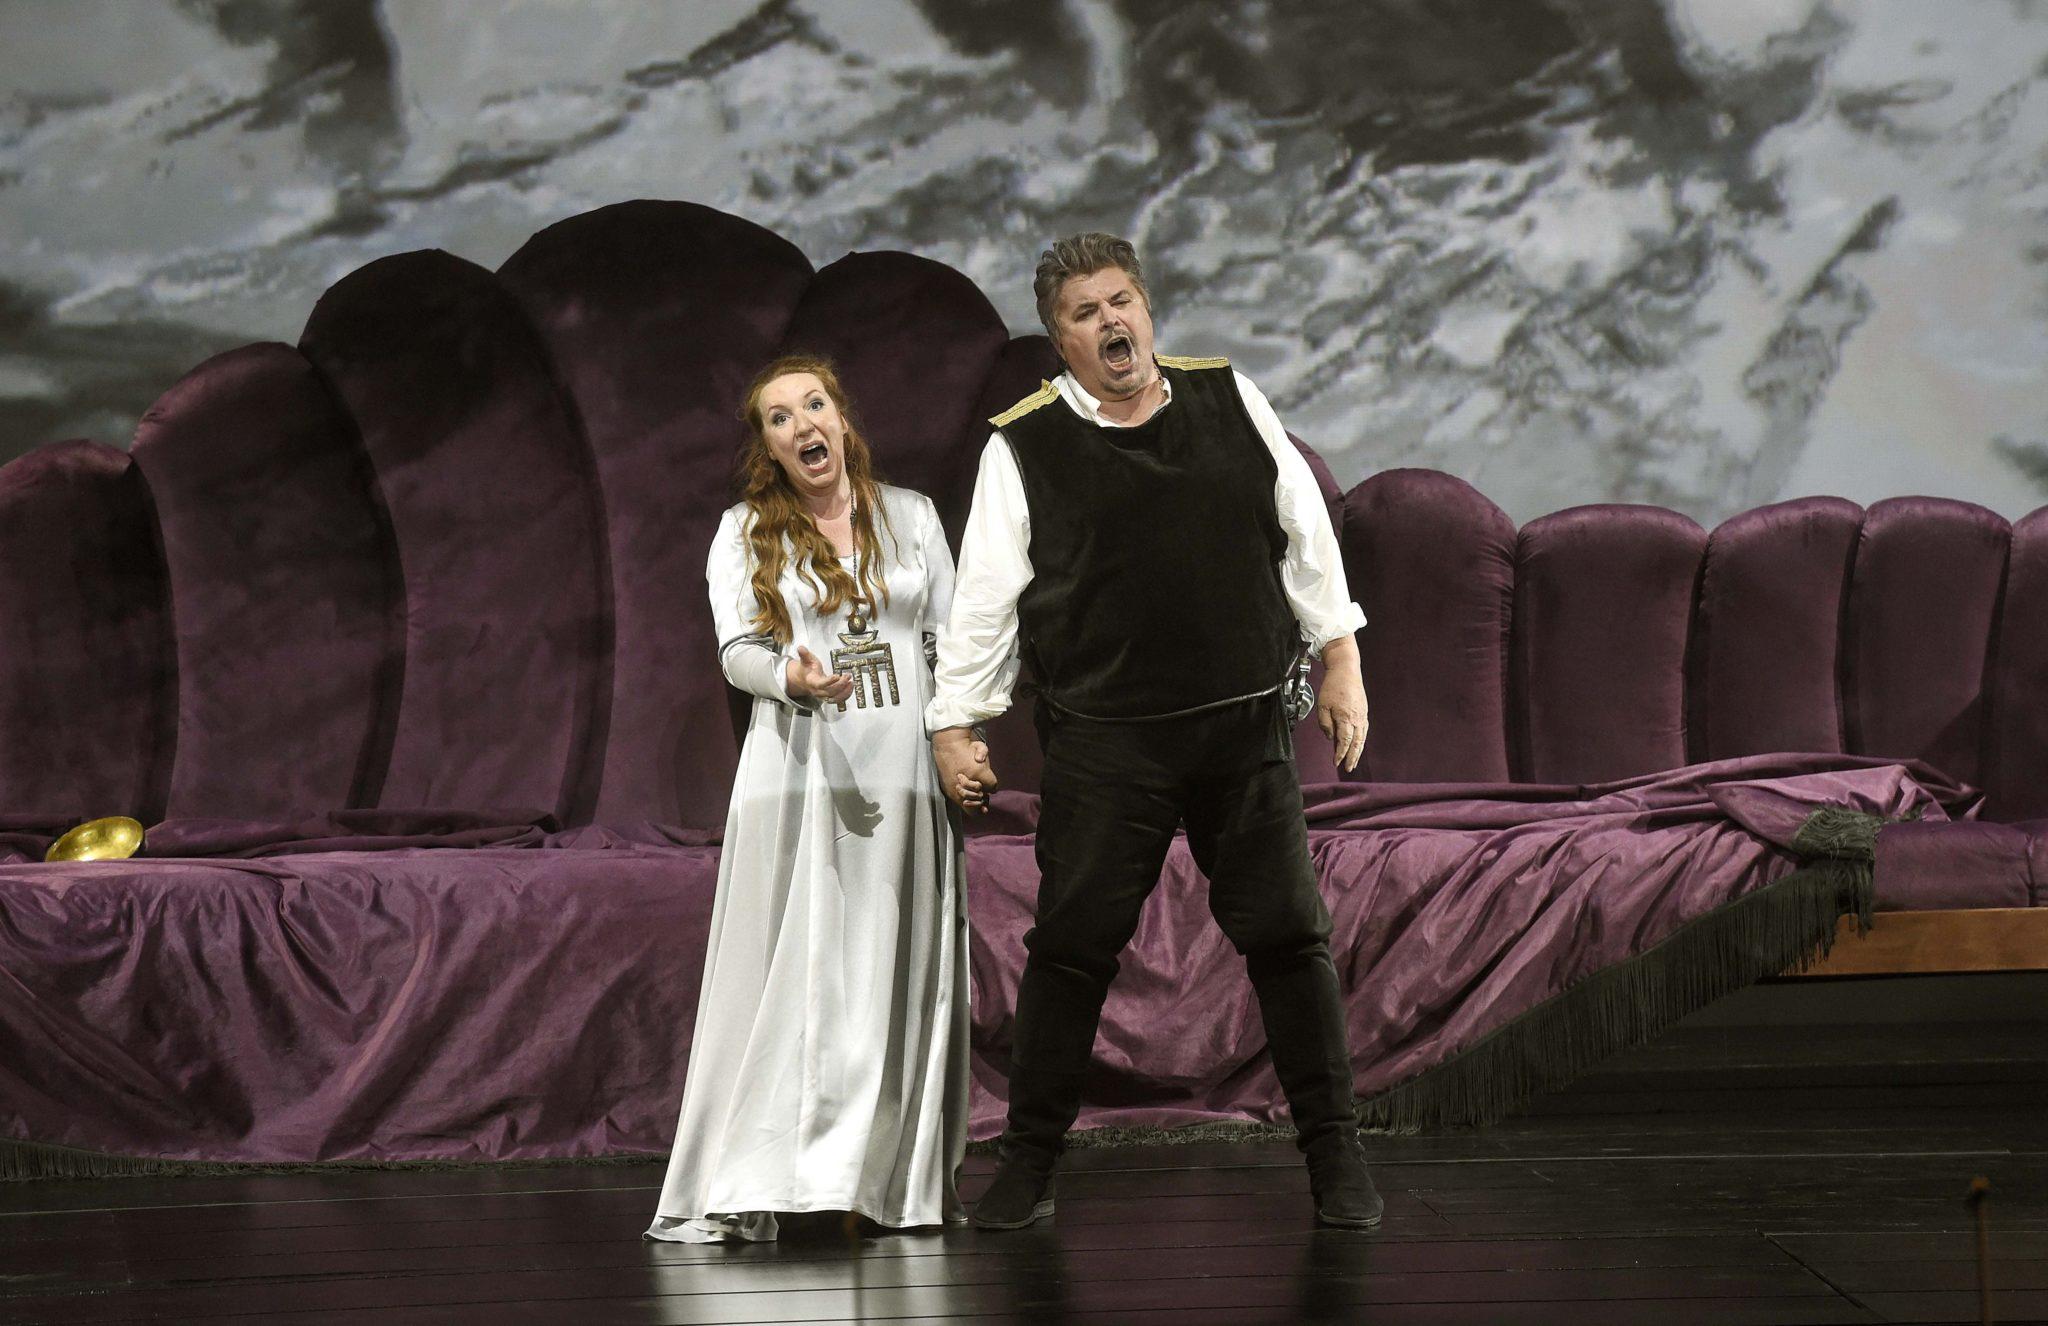 """Węgry, Budapeszt: Allison Oakes jako Isolde i Peter Seiffert jako Tristan na próbie """"Tristana i Izoldy"""" na,otwarcie spektaklu tegorocznych Budapeszteńskich Dni Wagnera fot: Noemi Bruzak, PAP/EPA"""